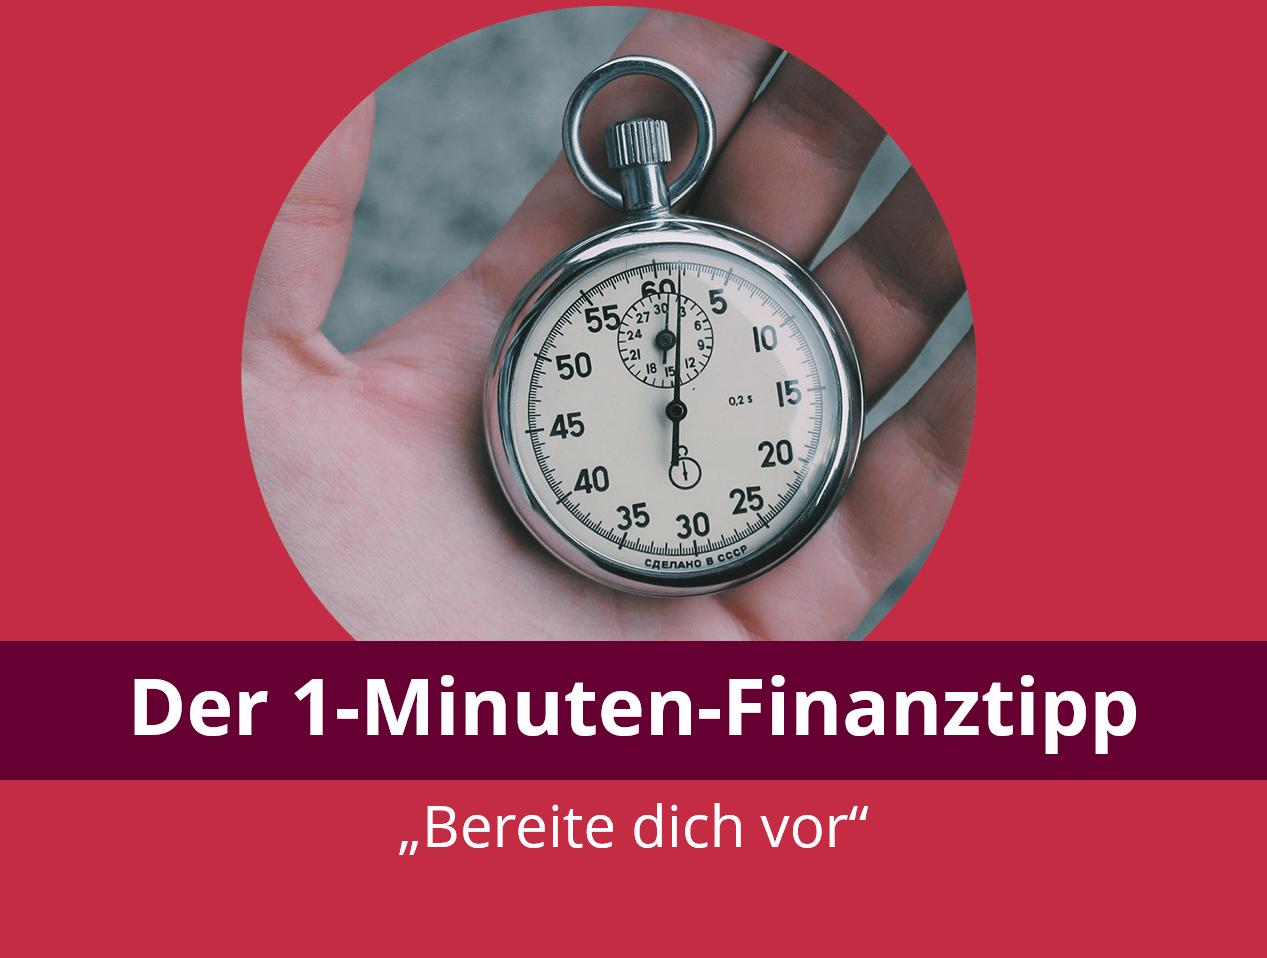 Der 1-Minuten-Finanztipp: Bereite dich vor